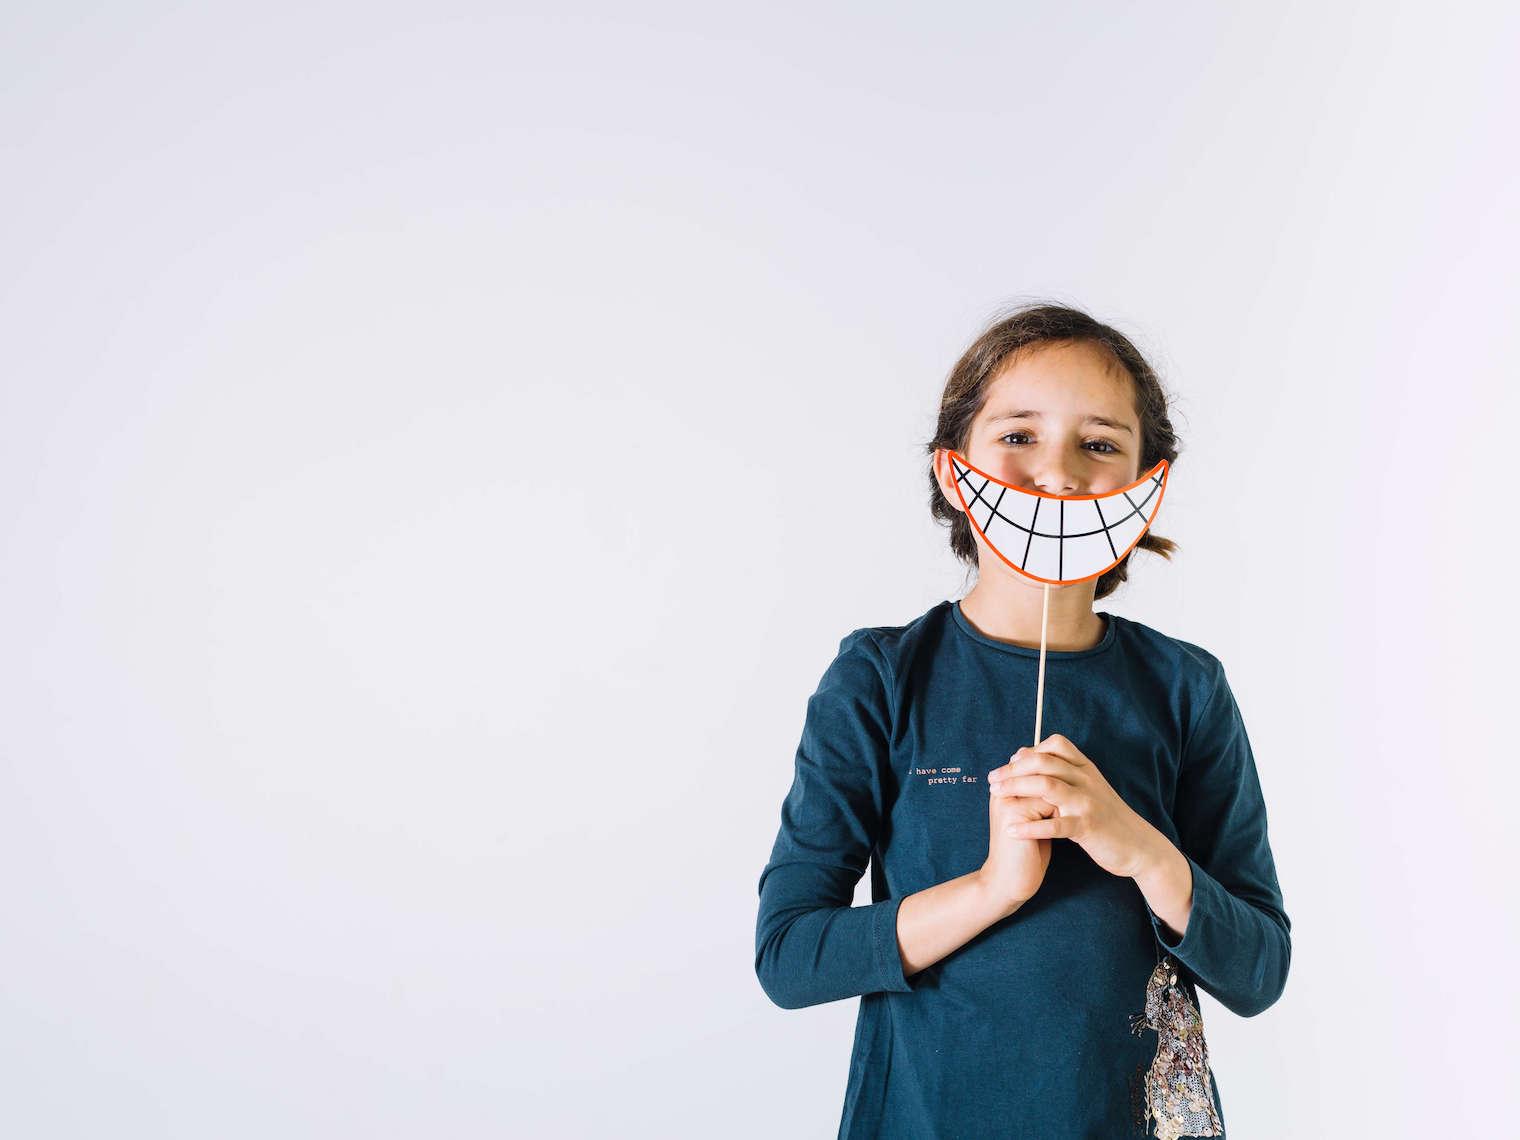 穆樂採用牙科先進技術的設備—水雷射 Waterase 協助患者去除敏感性牙齒,使用水雷射在牙齒敏感處做簡單照射,水雷射的特殊波長會將暴露在外的牙本質小管「熔融」,封填並阻斷感覺傳導,治療時間短,能快速、有效地改善牙齒敏感問題,且具持久療效。